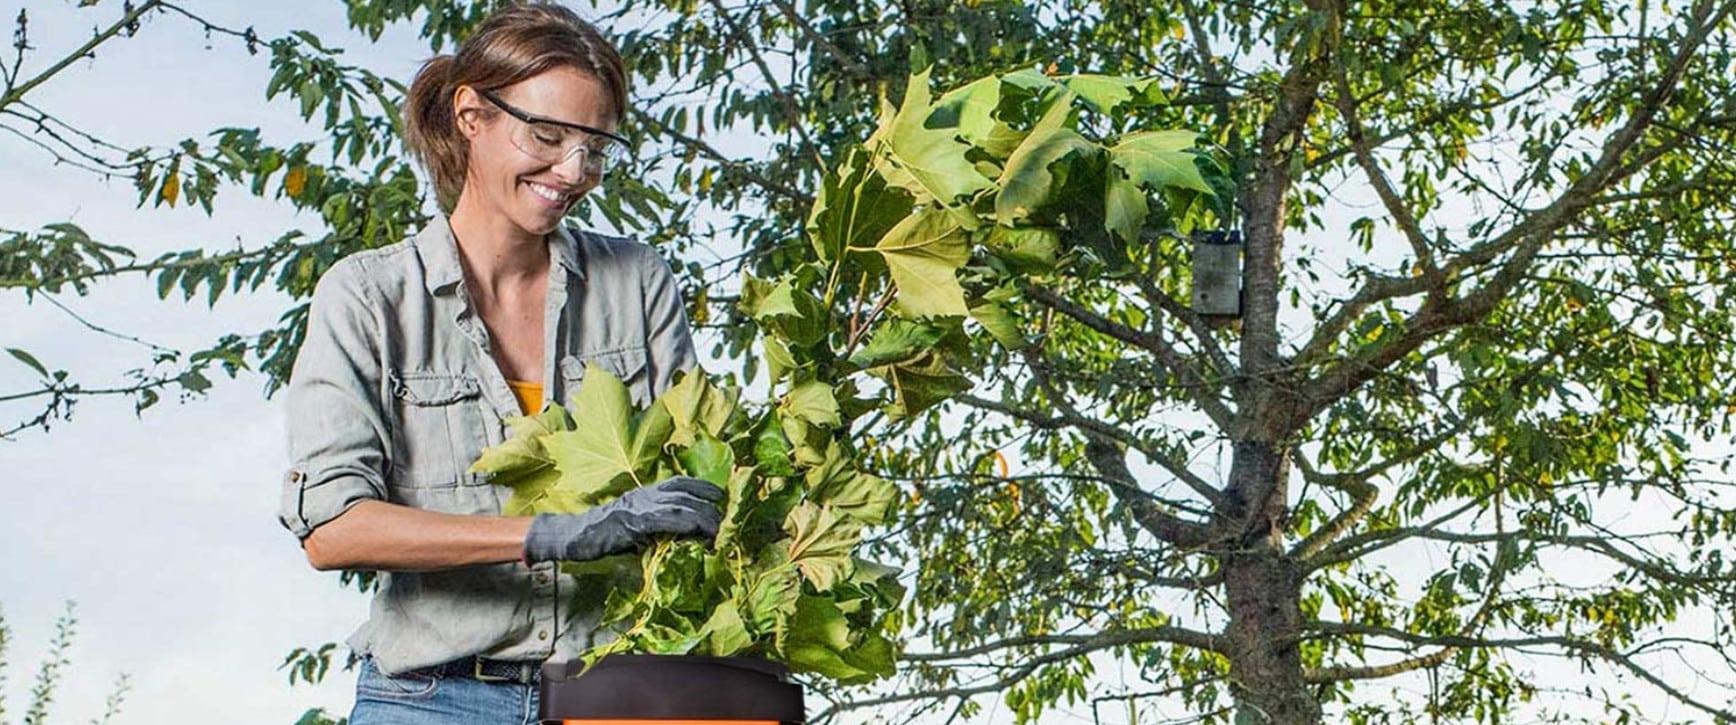 Comparatif pour choisir le meilleur broyeur de végétaux thermique